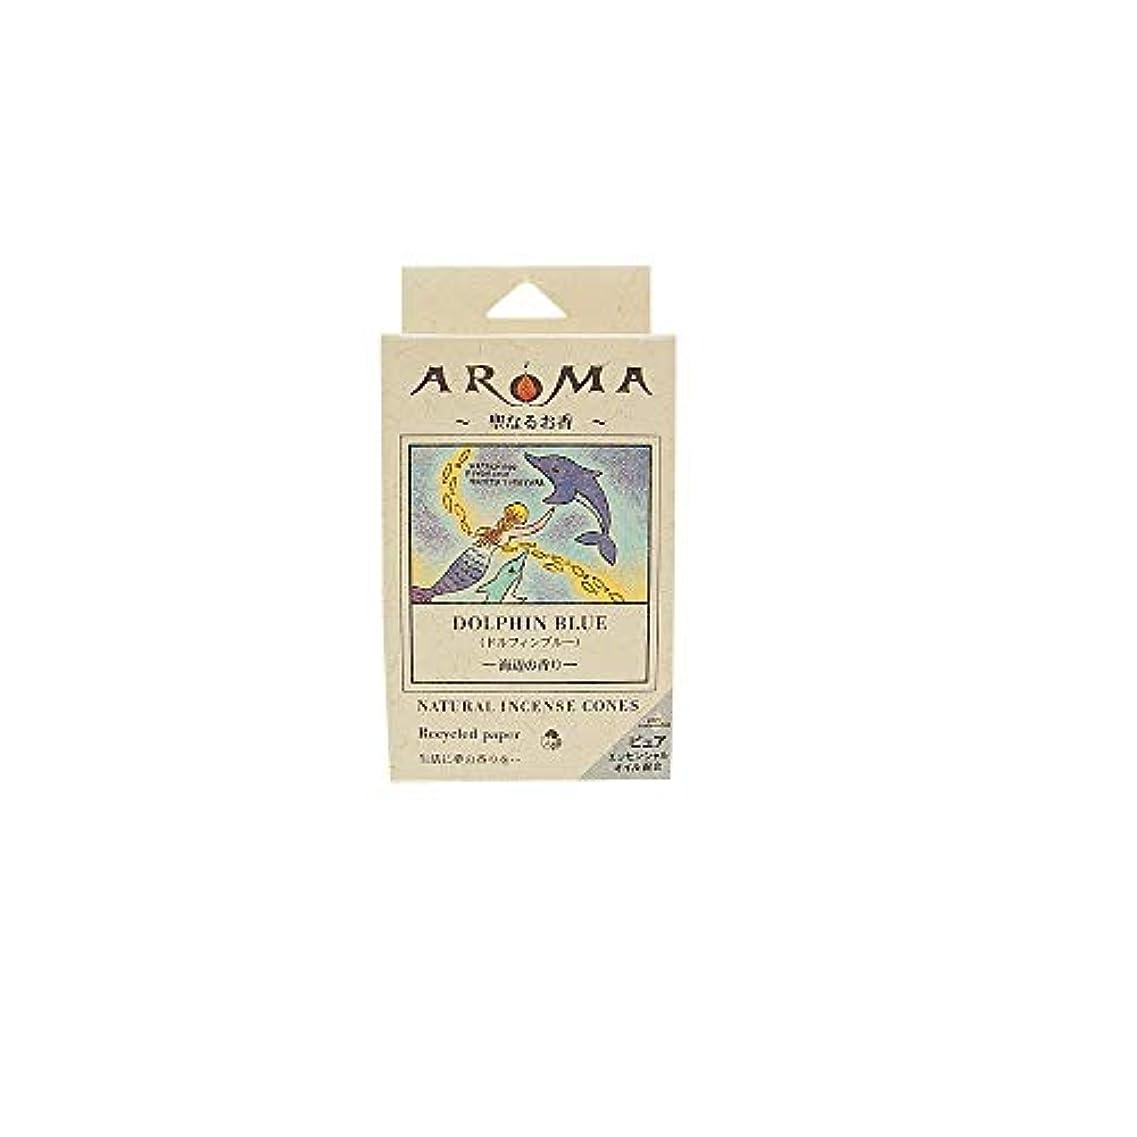 プロフェッショナルブランチ規定アロマ香 ドルフィンブルー 16粒(コーンタイプインセンス 1粒の燃焼時間約20分 海辺の香り)